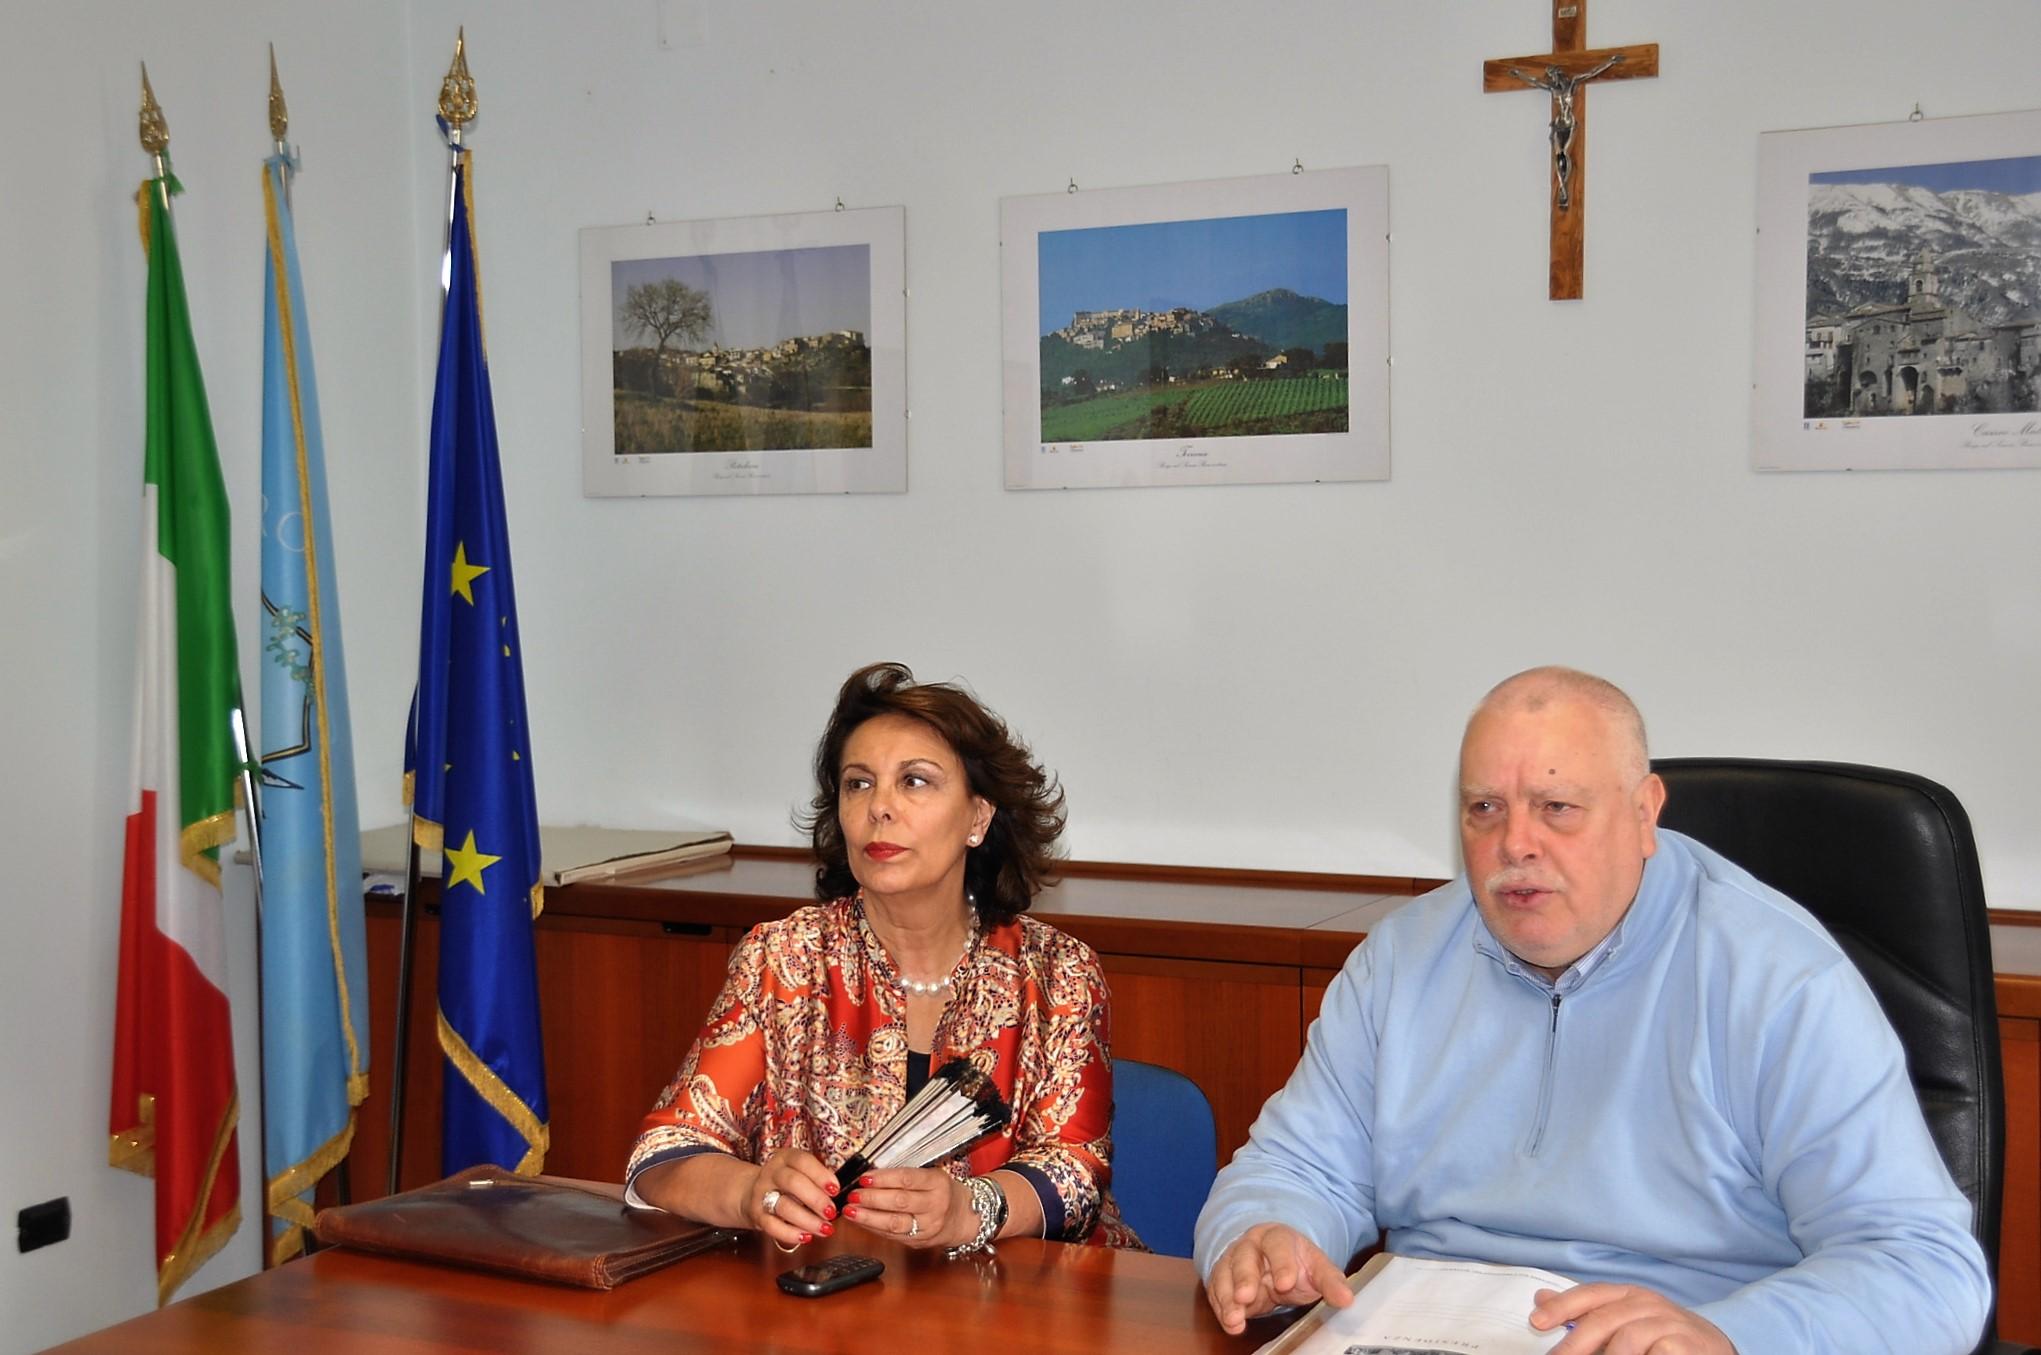 Incontro alla Rocca tra Ricci e la senatrice Sandra Lonardo per discutere sulla manutenzione fluviale